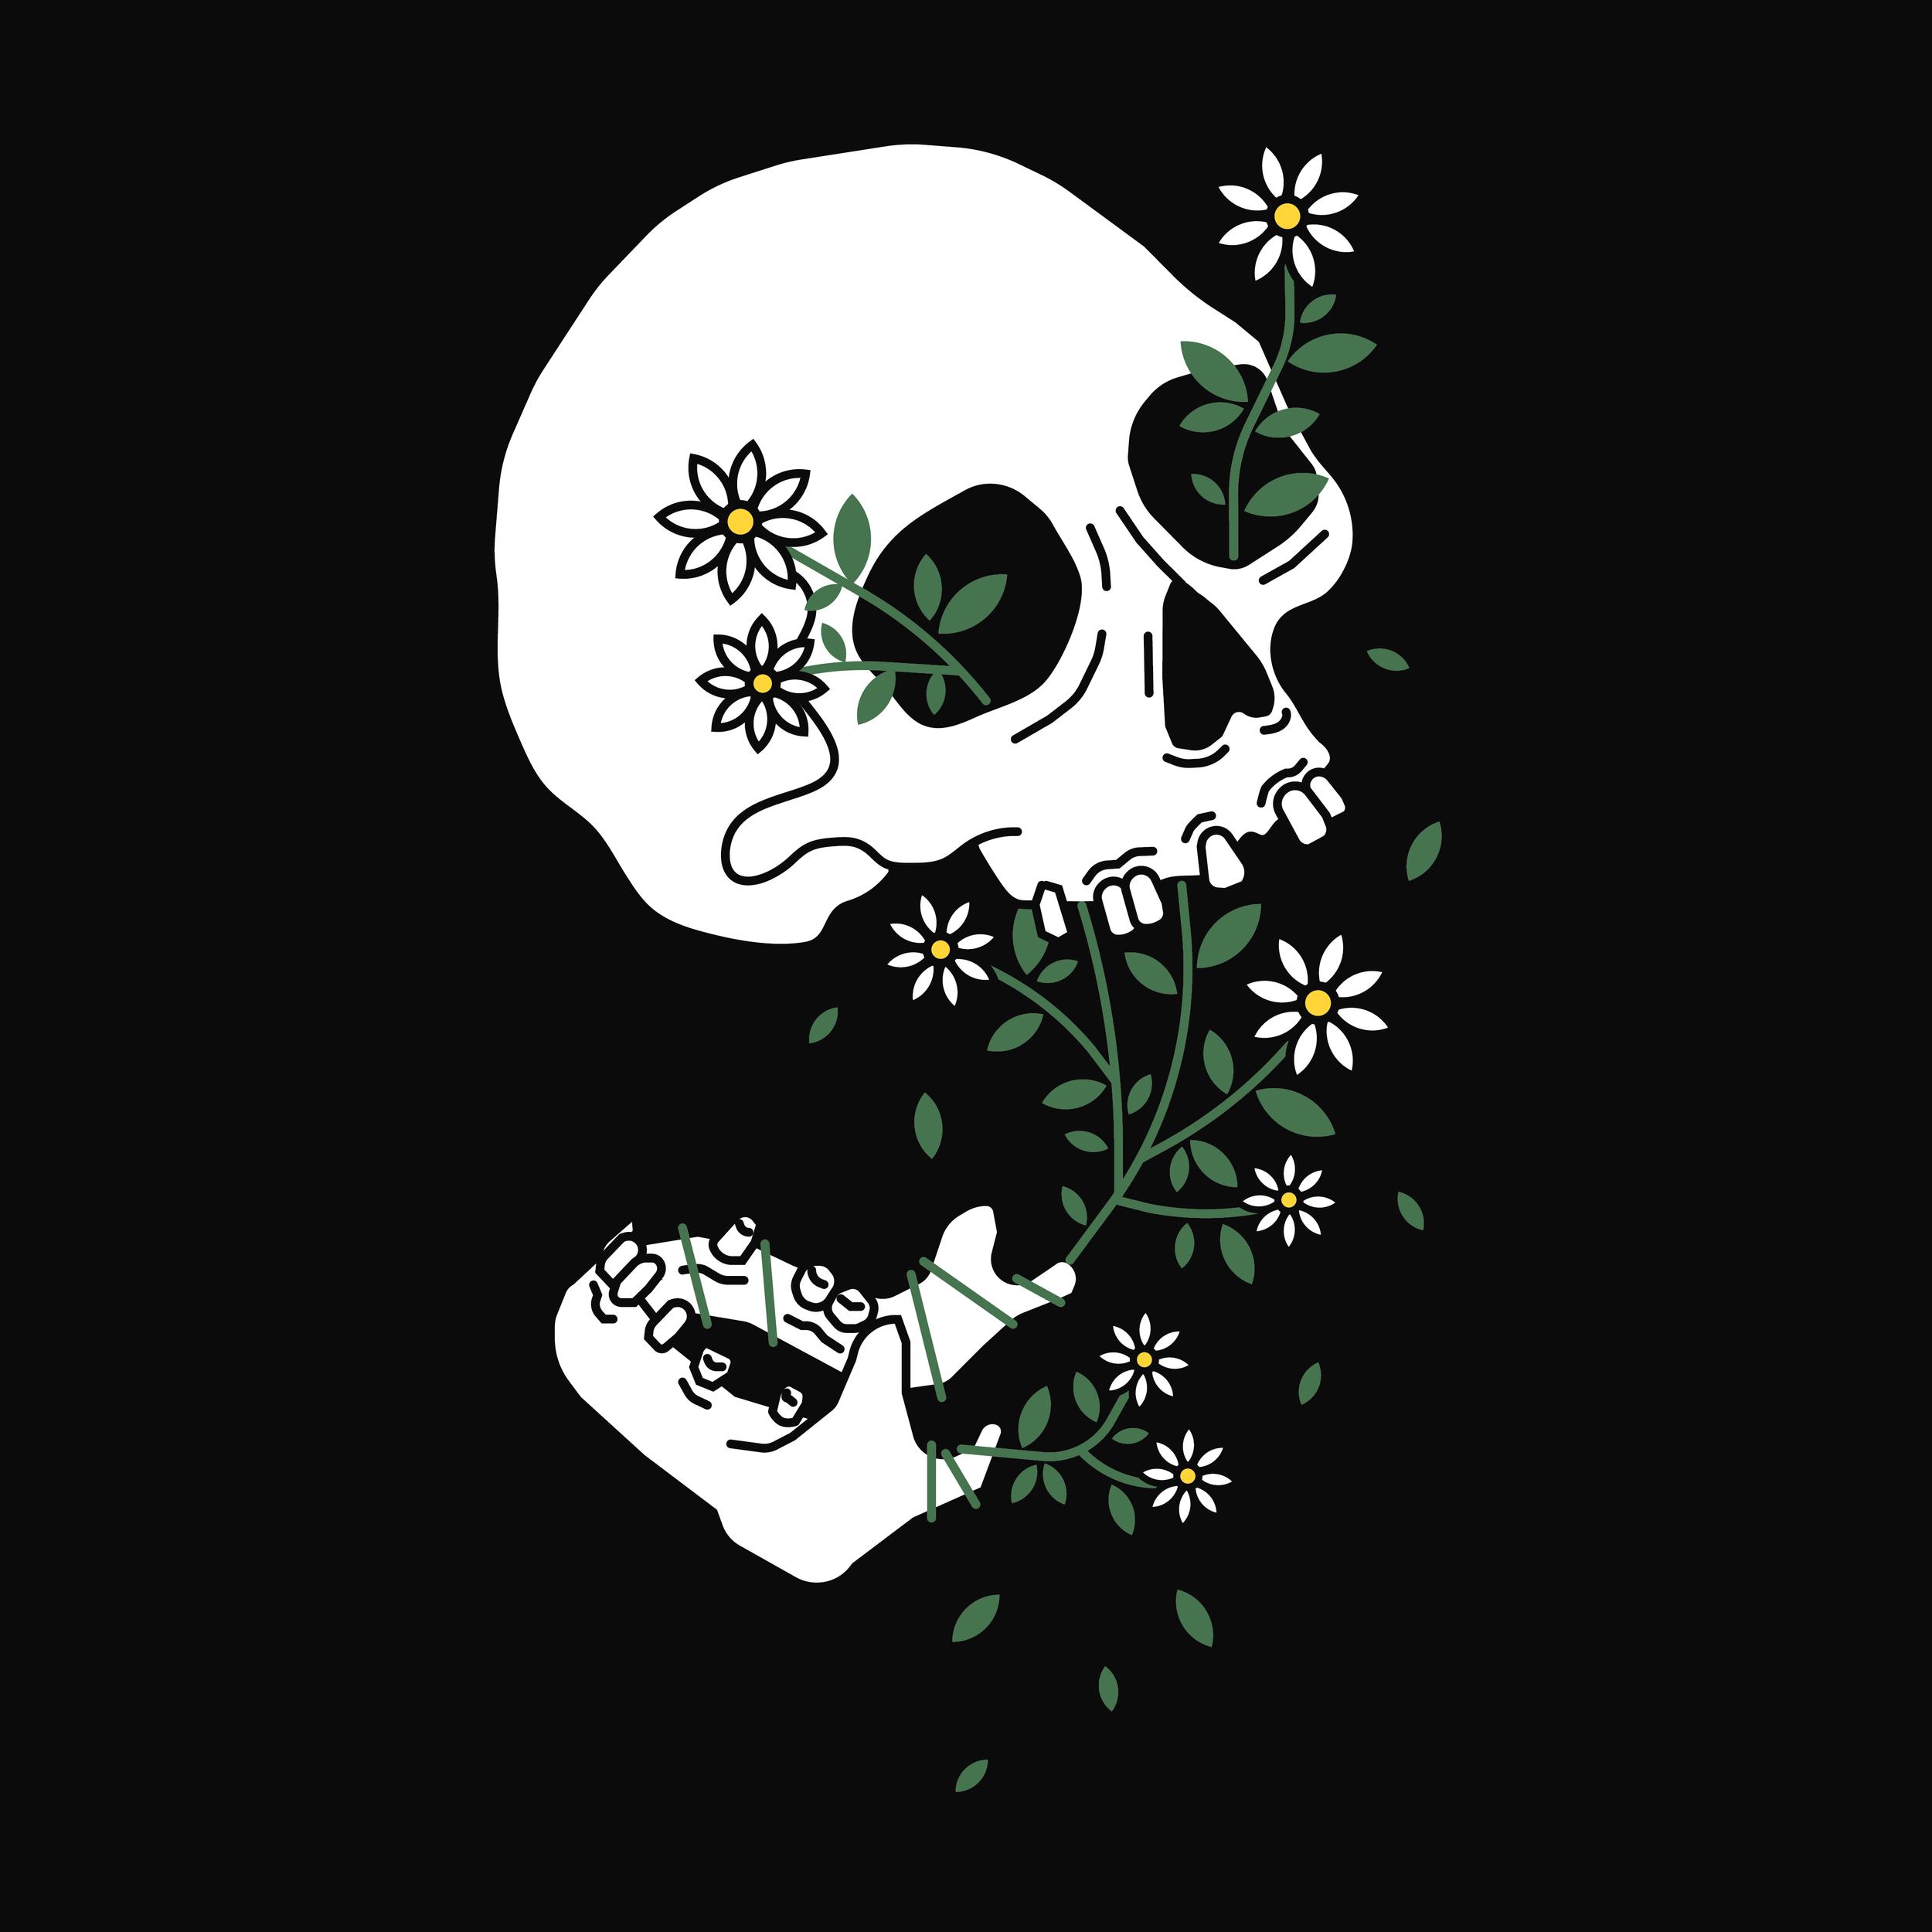 skull + flowers-01.png